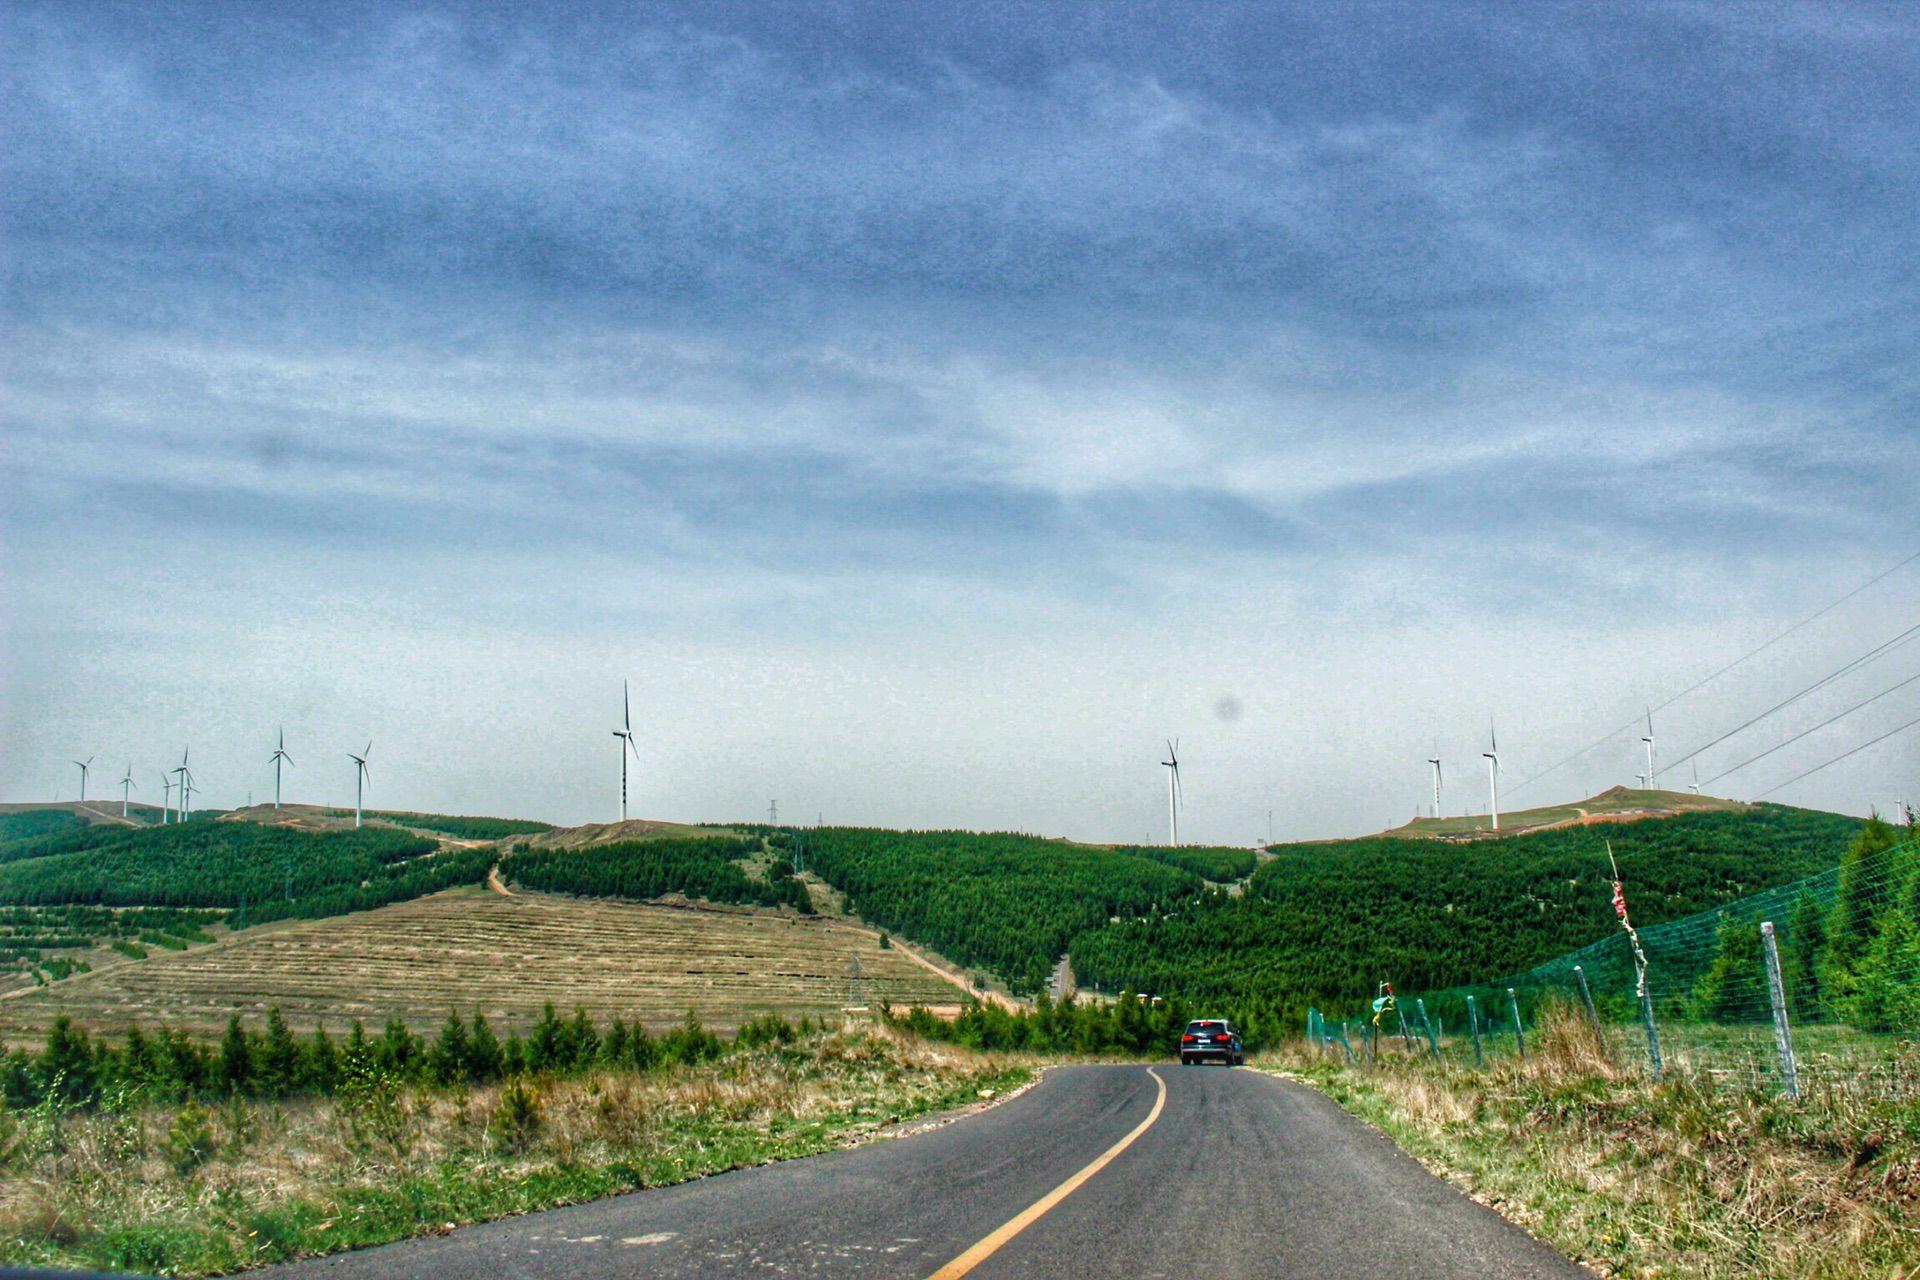 大风起兮云飞扬:端午张家口/草原天路自驾两日游